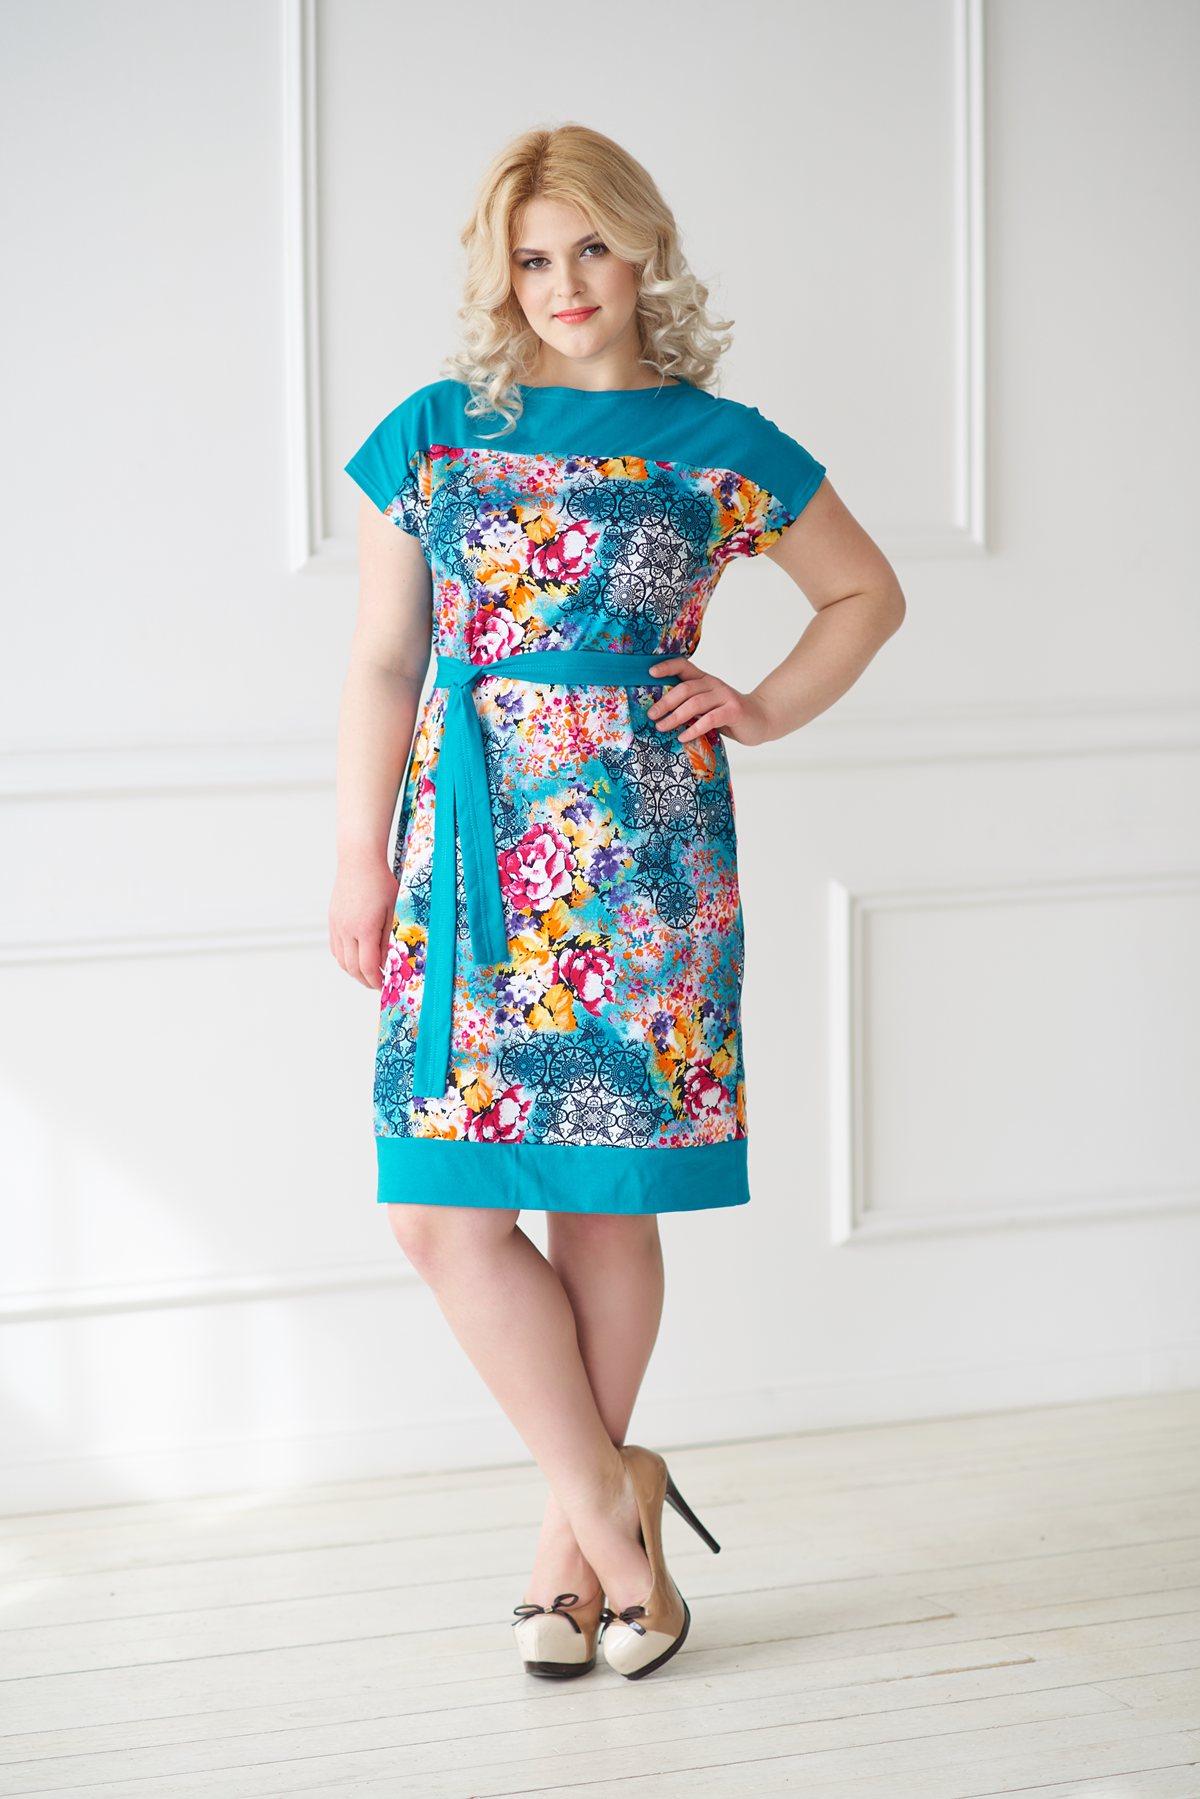 Жен. платье арт. 19-0045 Изумрудный р. 44Платья<br>Факт. ОГ: 84 см <br>Факт. ОТ: 84 см <br>Факт. ОБ: 92 см <br>Длина по спинке: 90 см<br><br>Тип: Жен. платье<br>Размер: 44<br>Материал: Трикотаж